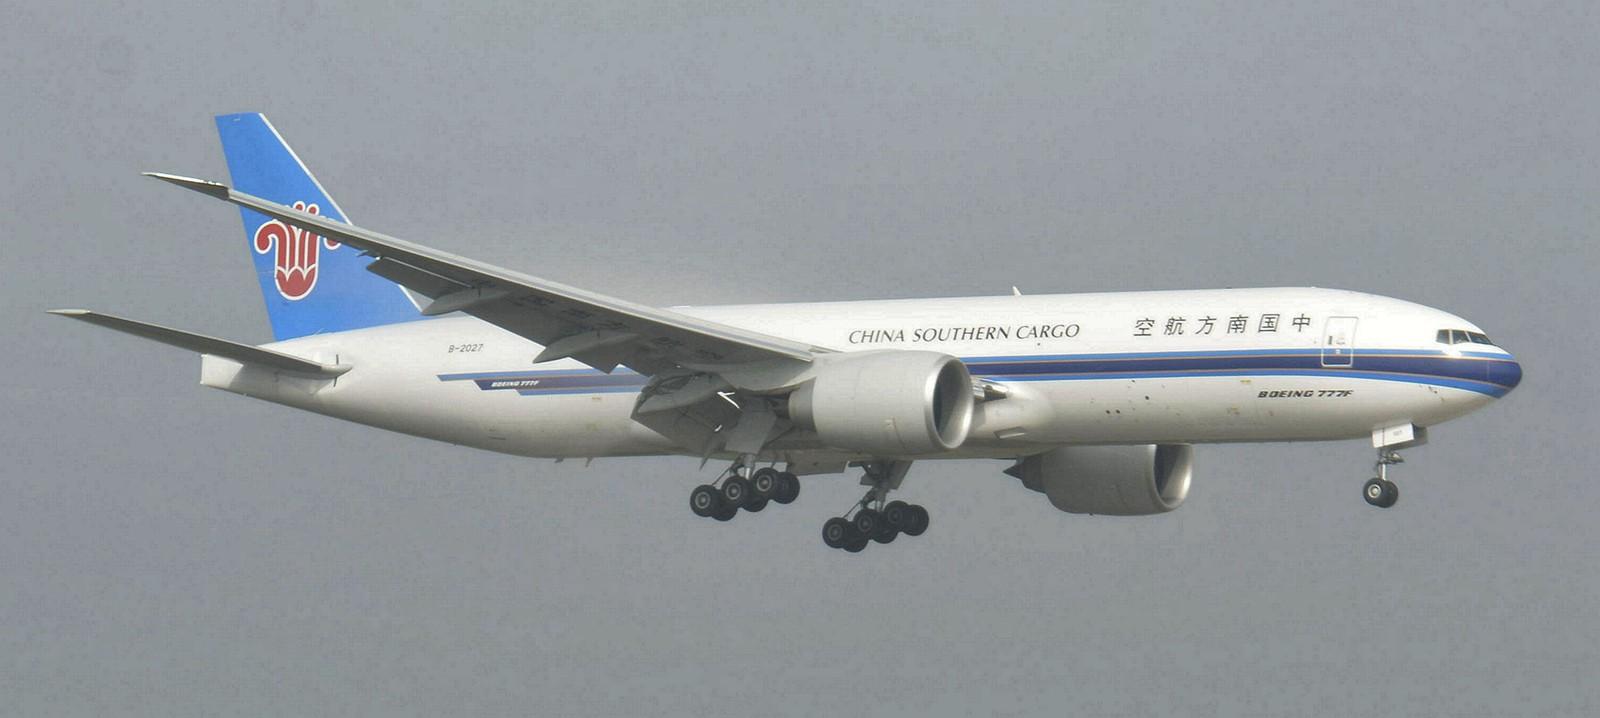 Re:[原创]第一次好好拍机,画质就别想了。。 BOEING 777-200 B-2027 中国重庆江北国际机场